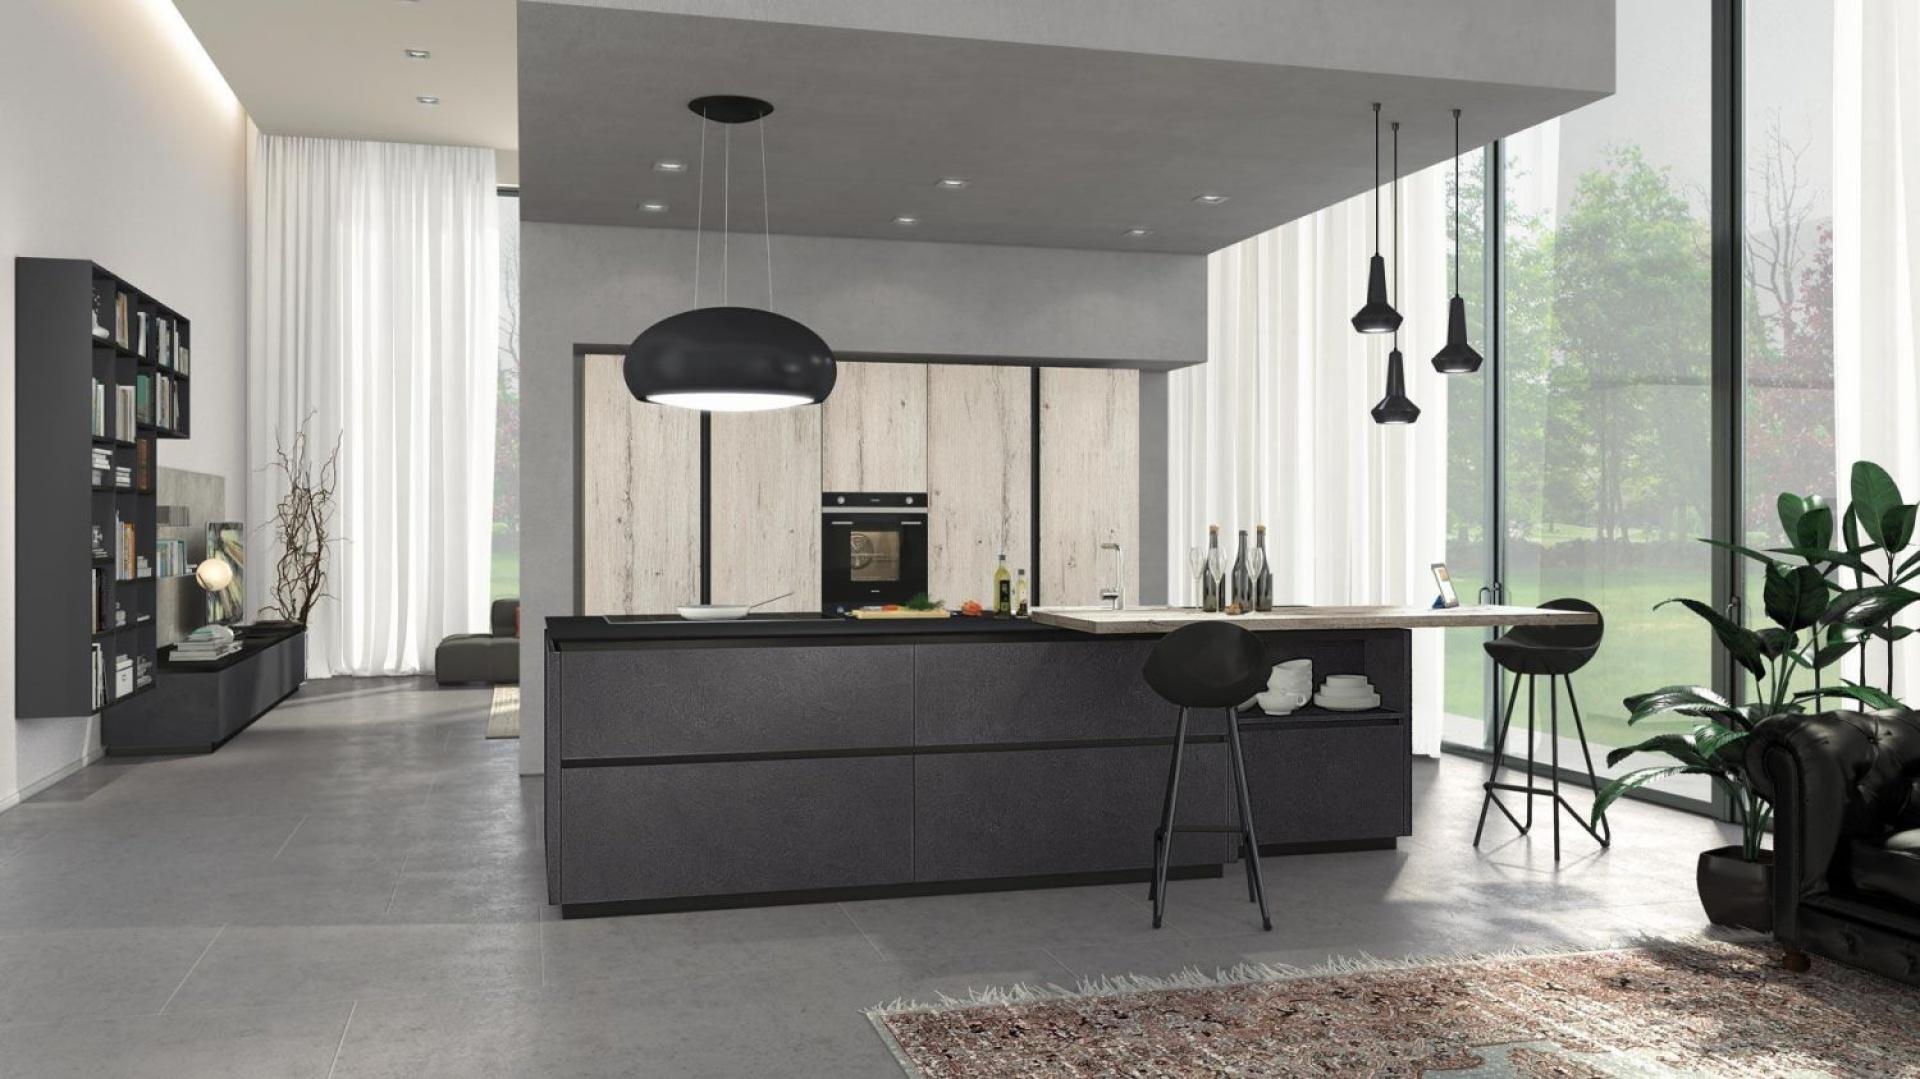 Fronty wysokiej zabudowy modna kuchnia postaw na drewno i ciemne kolory strona 6 - Cucine lube prezzi 2016 ...